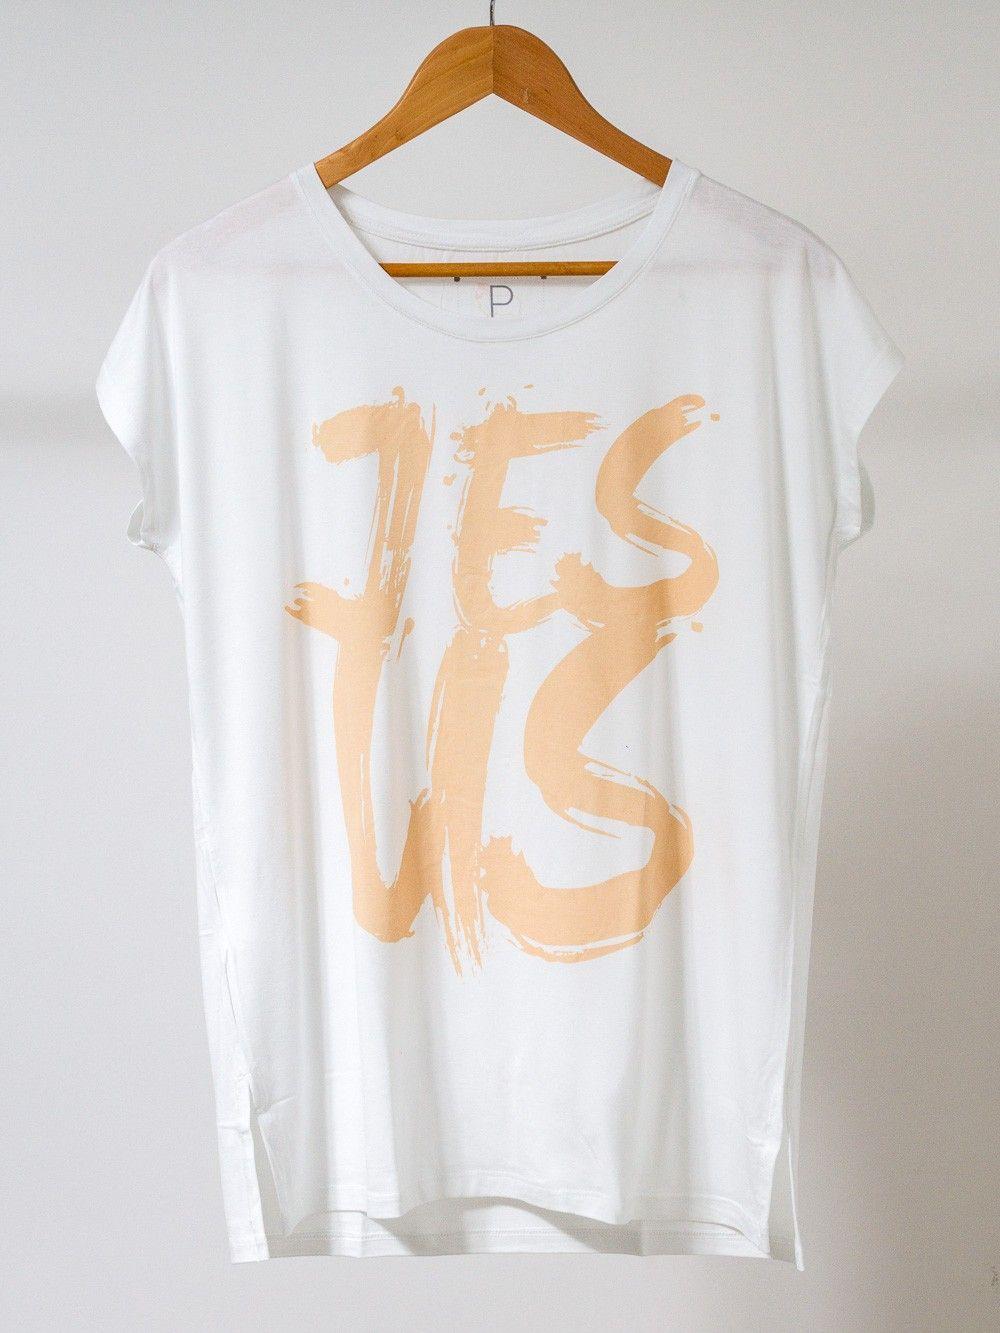 4f3459731 Camiseta gospel feminina - Jesus